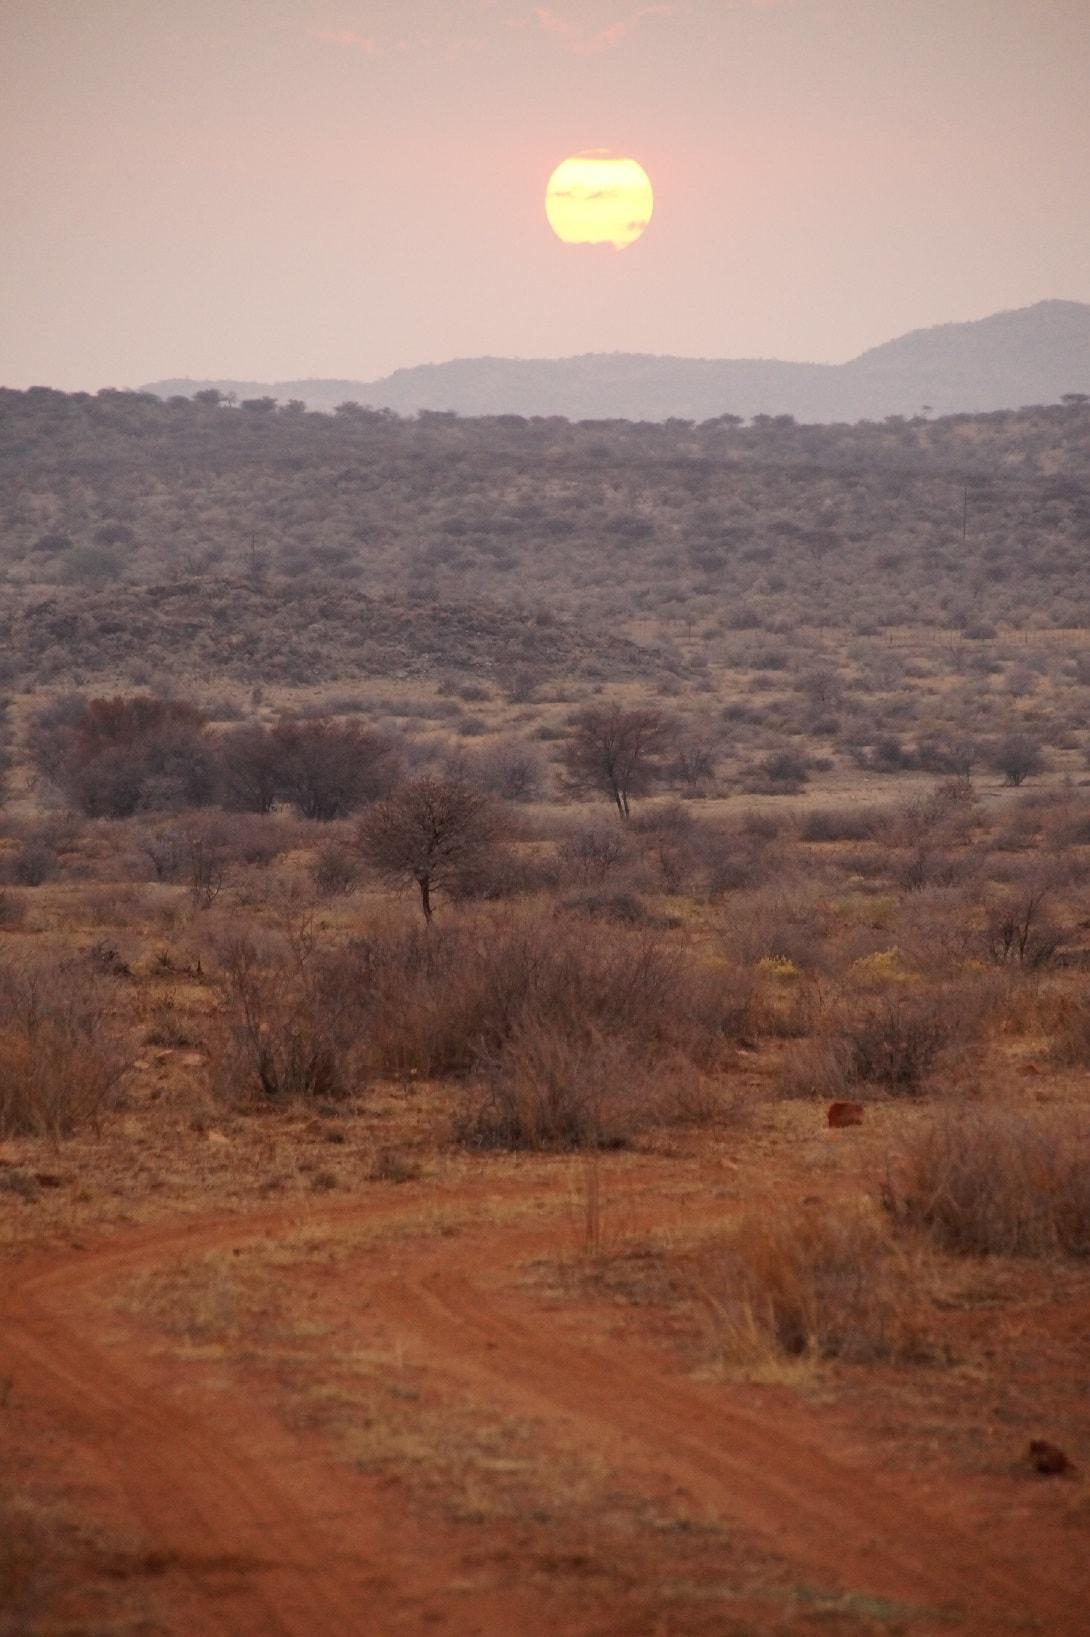 Sonnenuntergang im Etosha-Nationalpark in Namibia